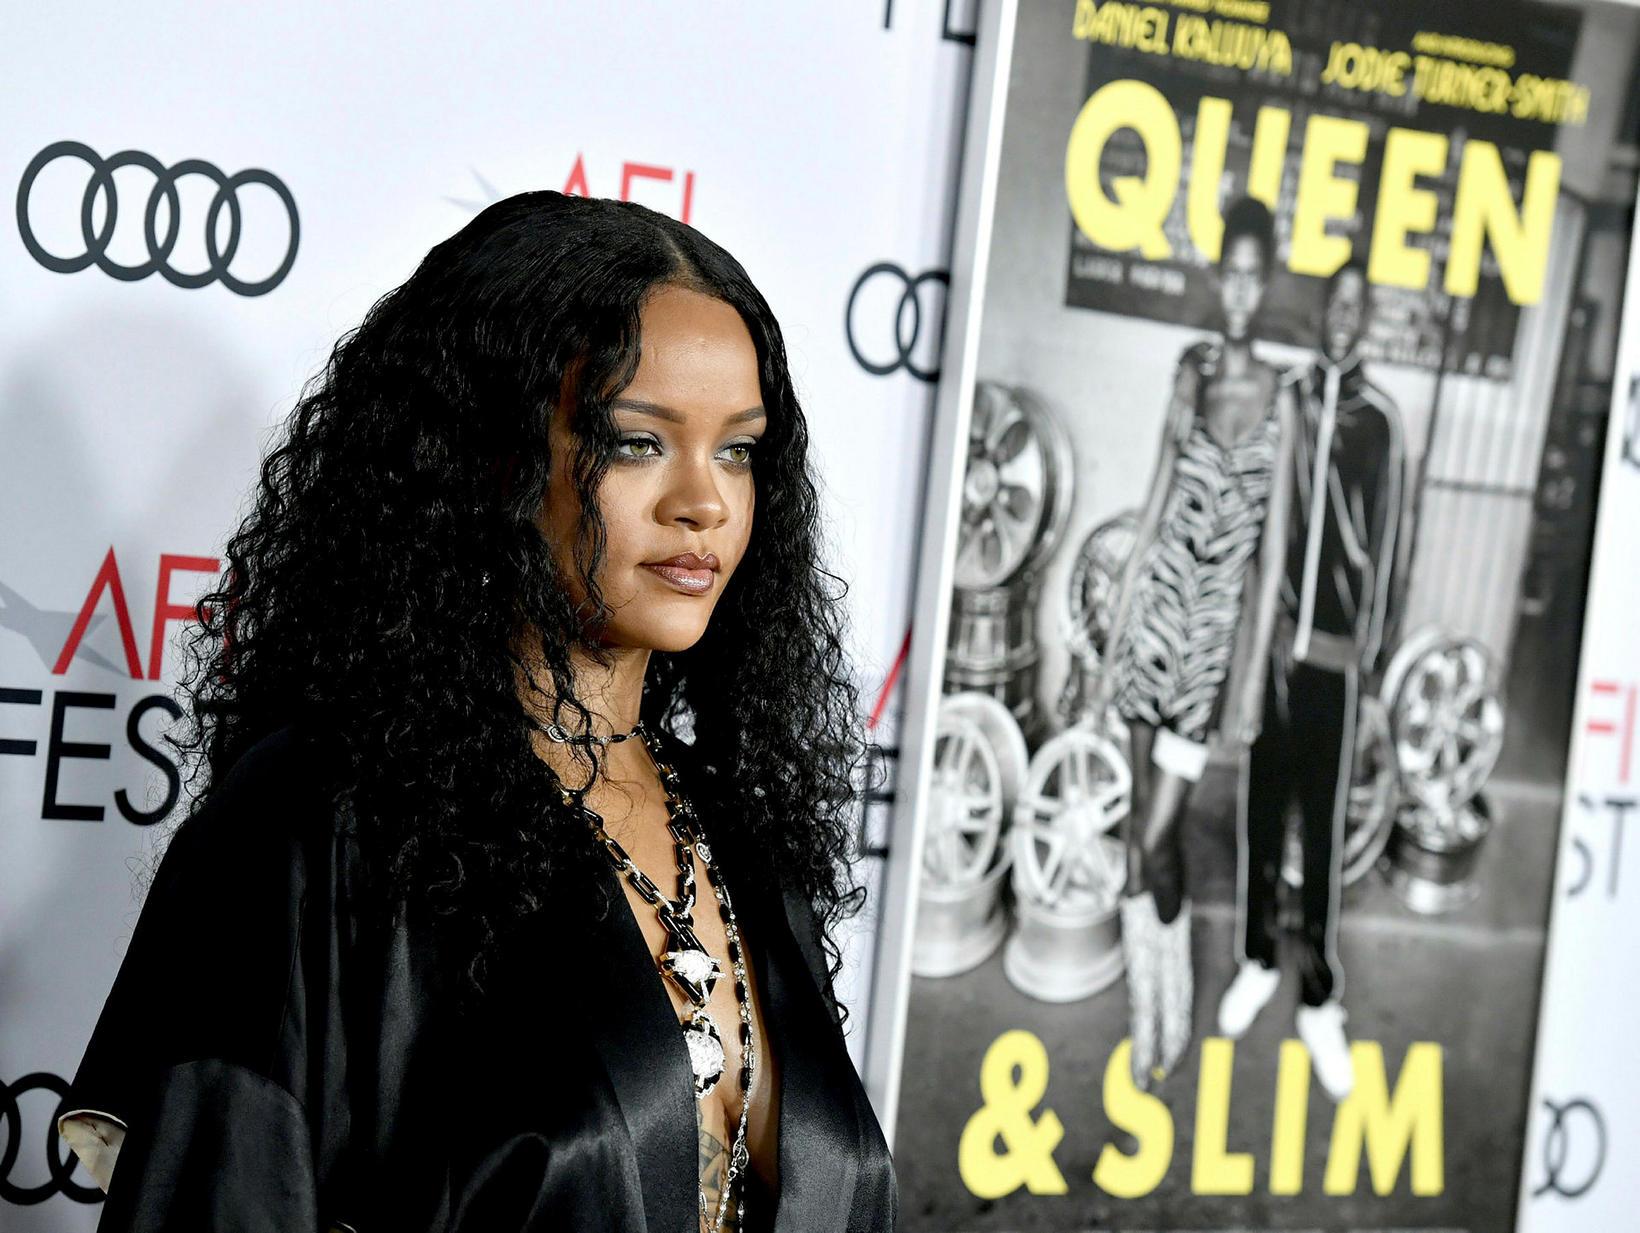 Rihanna hefur tjáð sig opinberlega um málið.